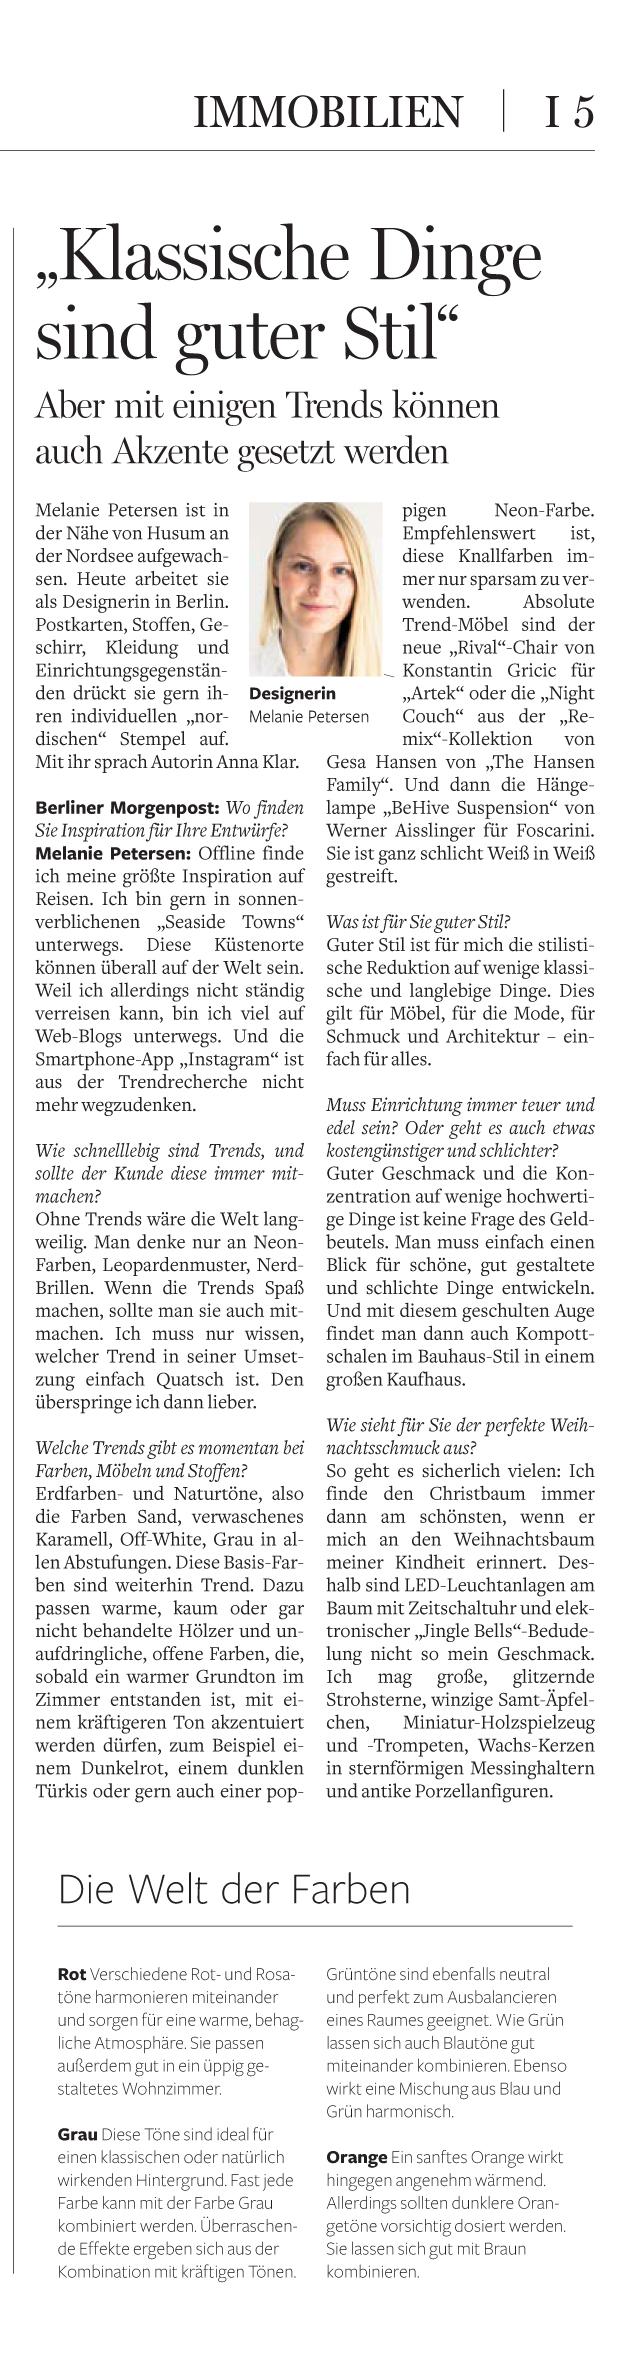 Berliner Morgenpost Interview Bloomy Days Petersen_3